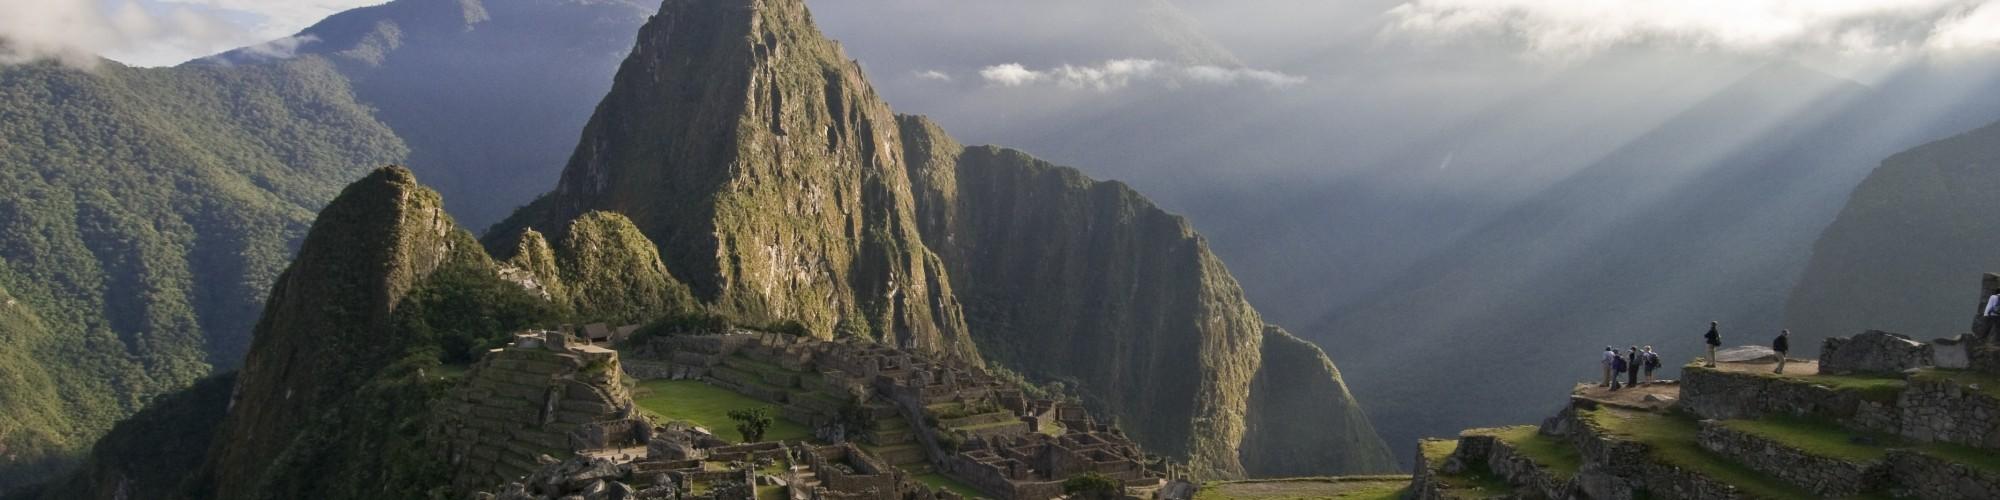 Machu Picchu,